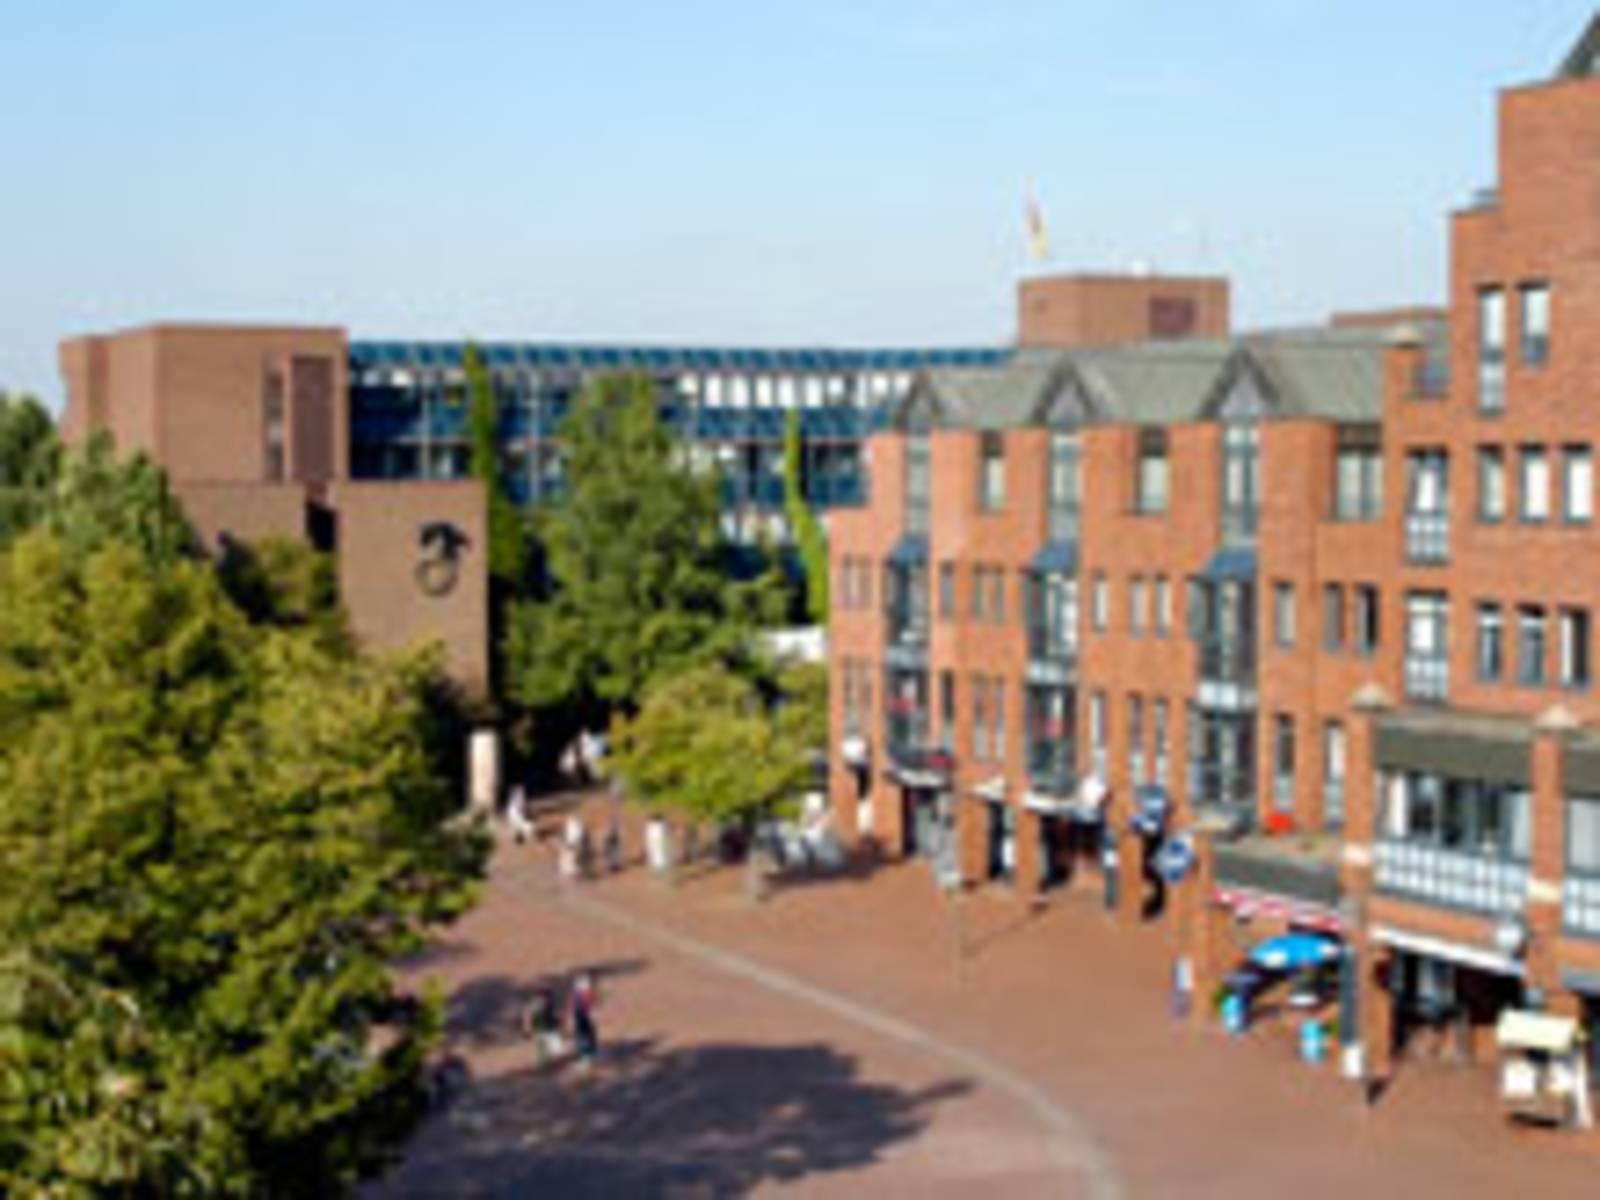 Mehrere aneinander gereihte Gebäude mit roter Fassade. Im Erdgeschoss befinden sich Ladenzeilen. Der Fußgängerbereich ist rot gepflastert.